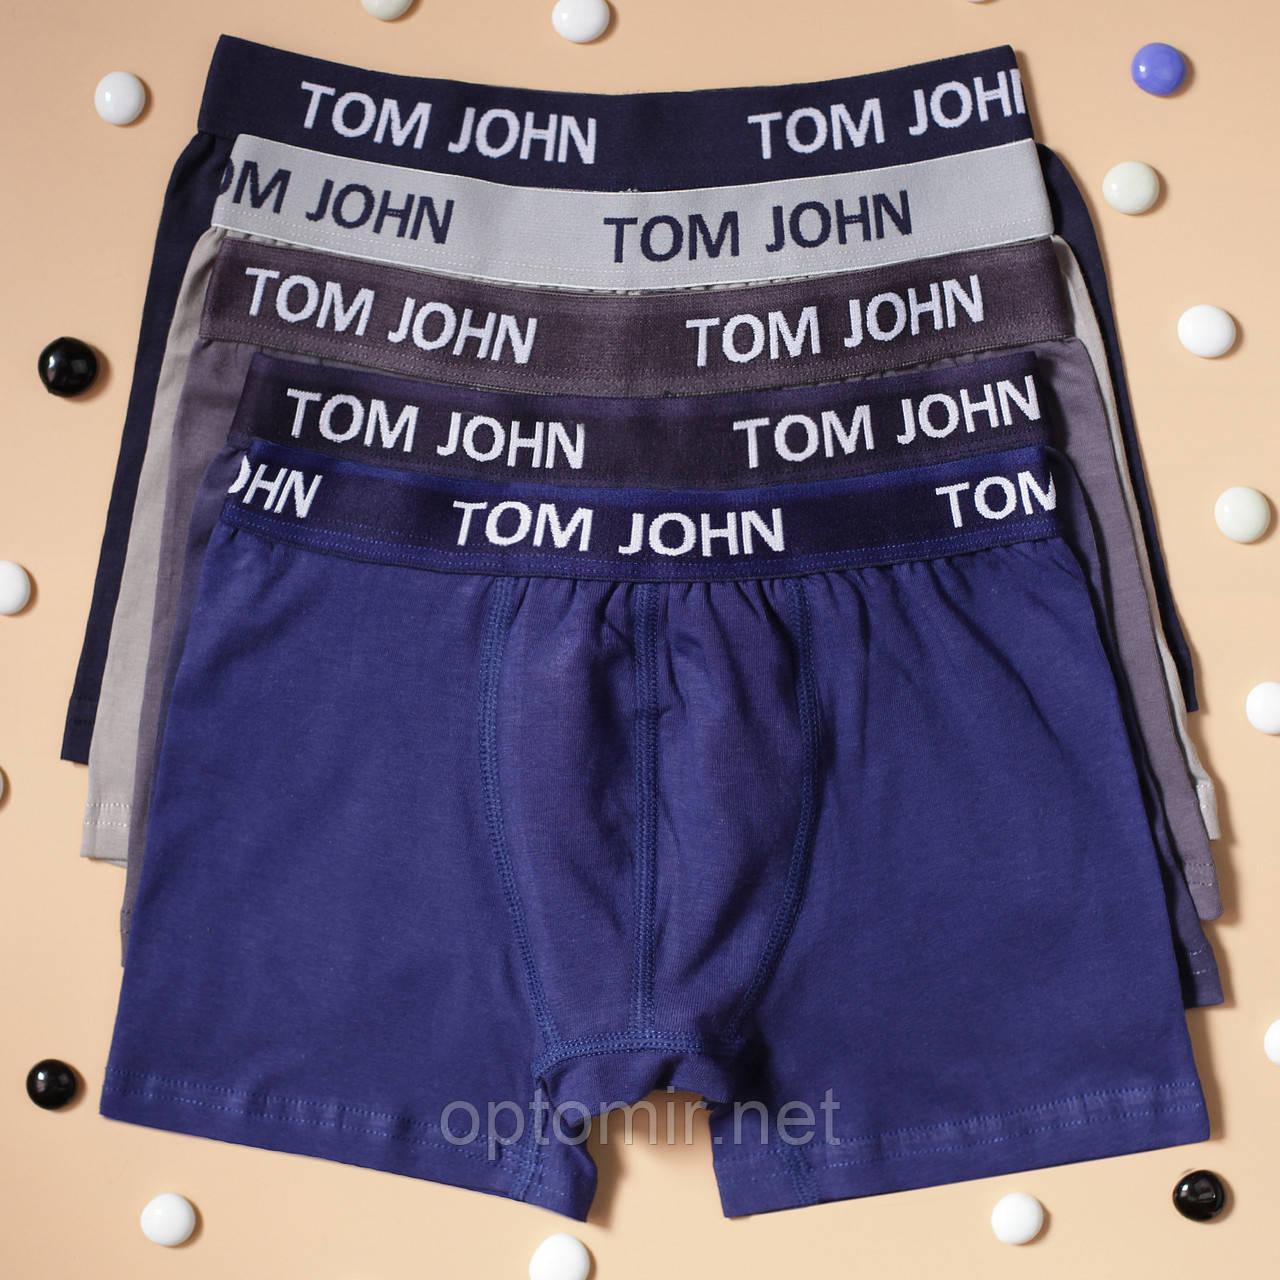 Детские трусы боксеры для мальчика Tom John (возраст: 2-3 года) | 5 шт.